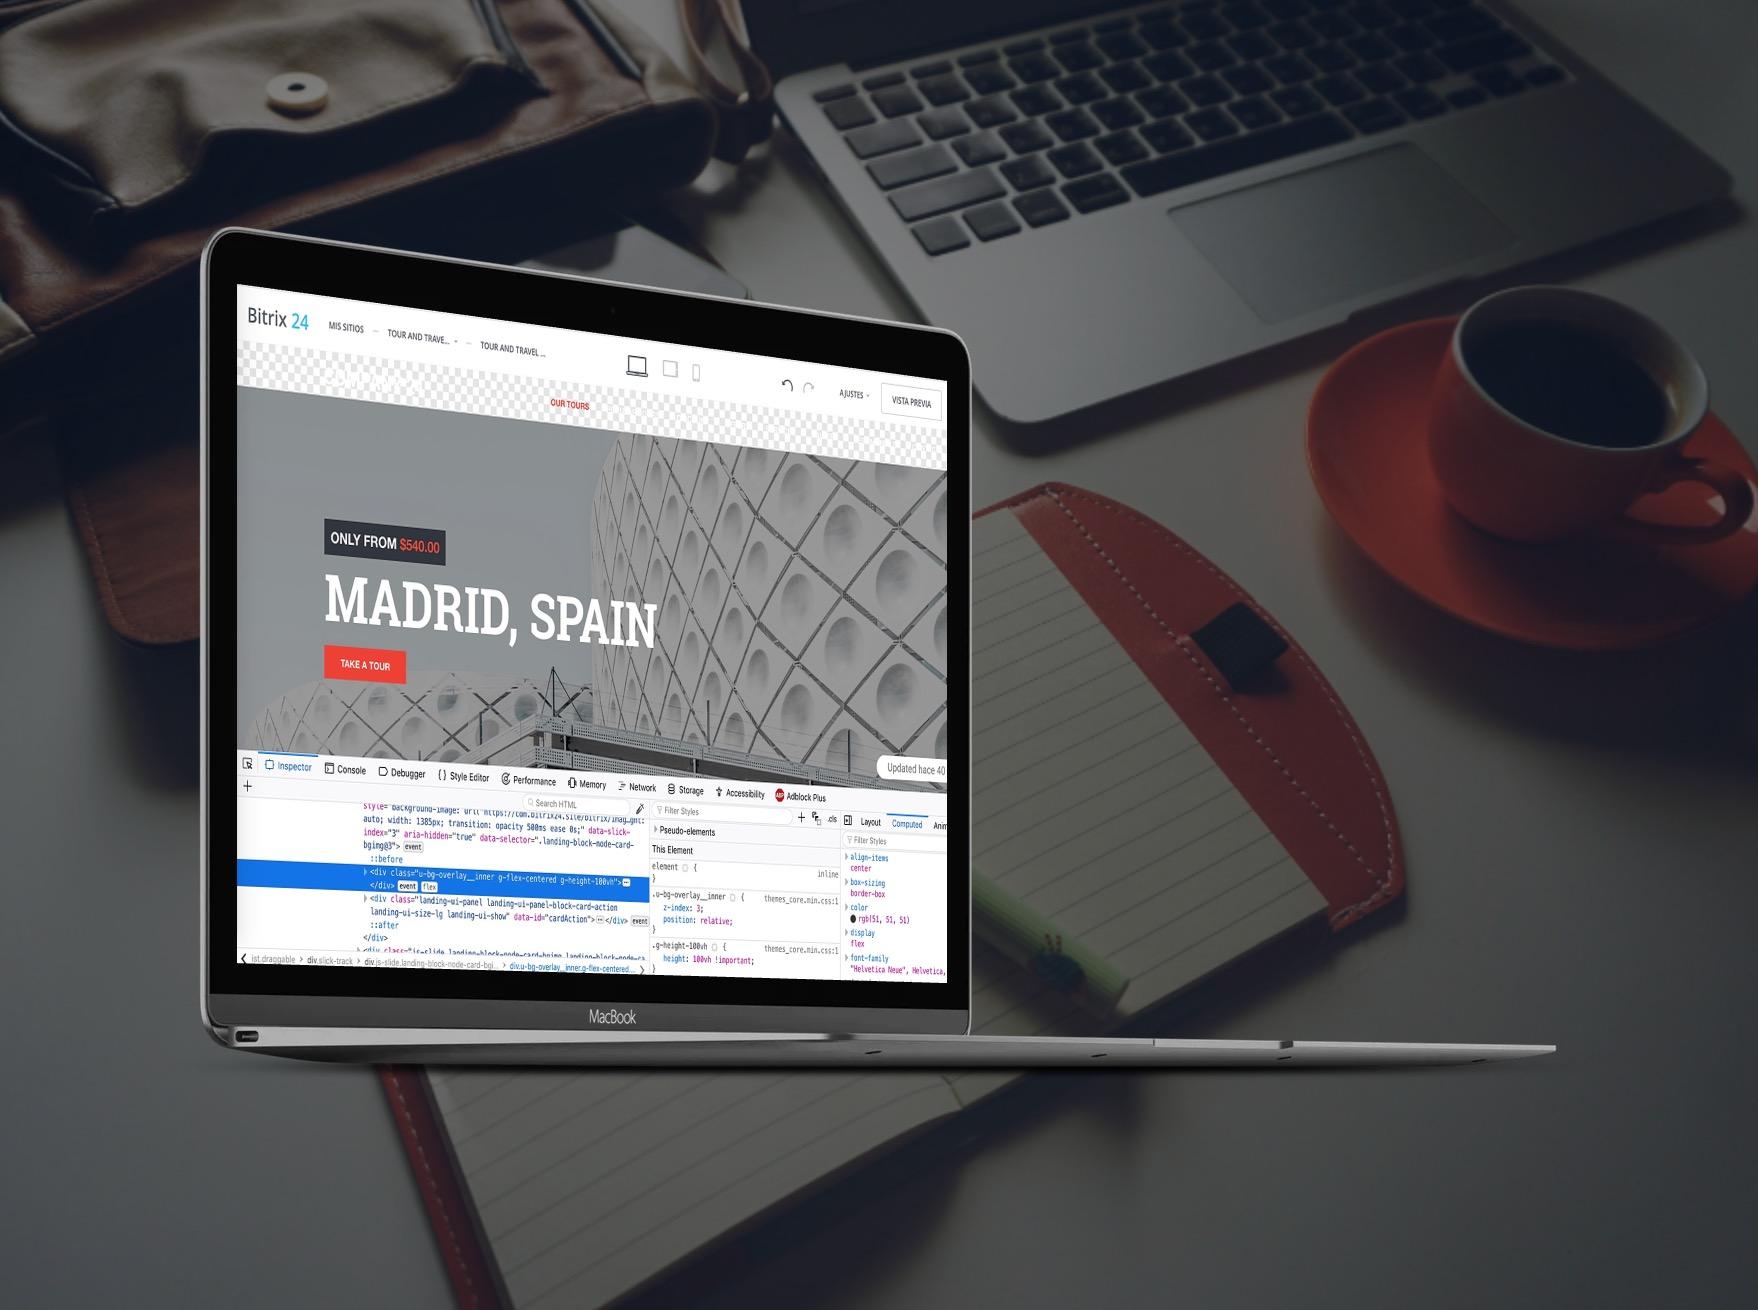 Cómo agregar CSS personalizado a su sitio Bitrix24 o tienda online